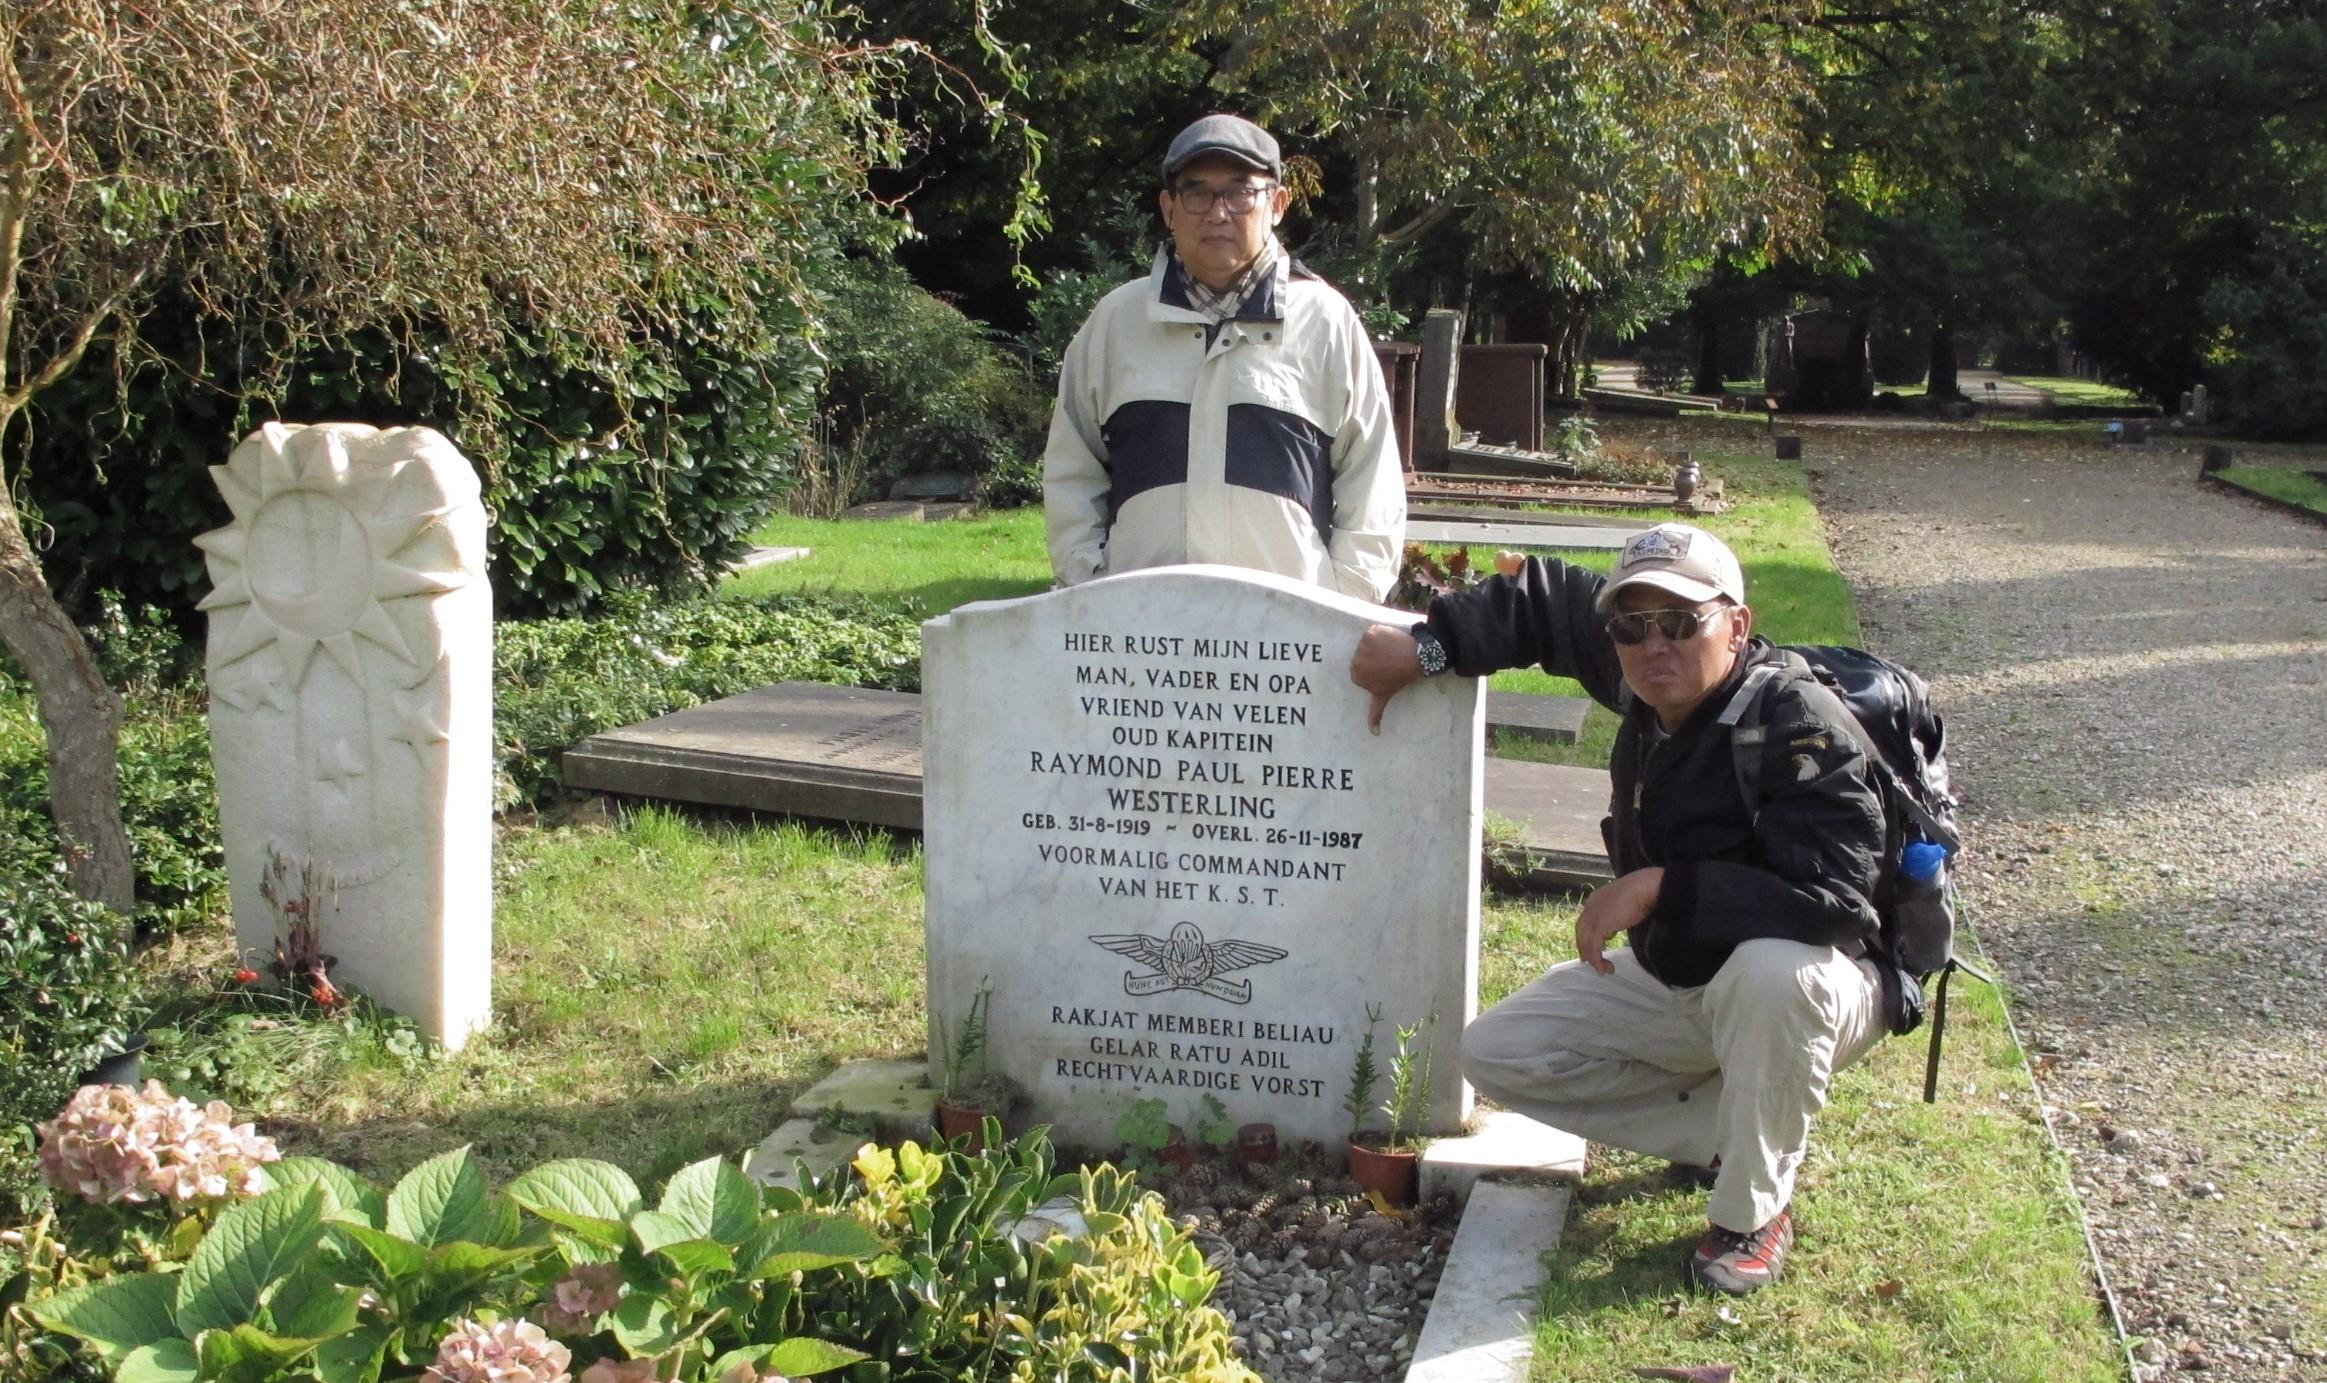 Agrar Sudrajat paham dengan tokoh-tokoh sejarah Belanda yang berhubungan dengan Indonesia. Agrar (berdiri) di makam Westerling.